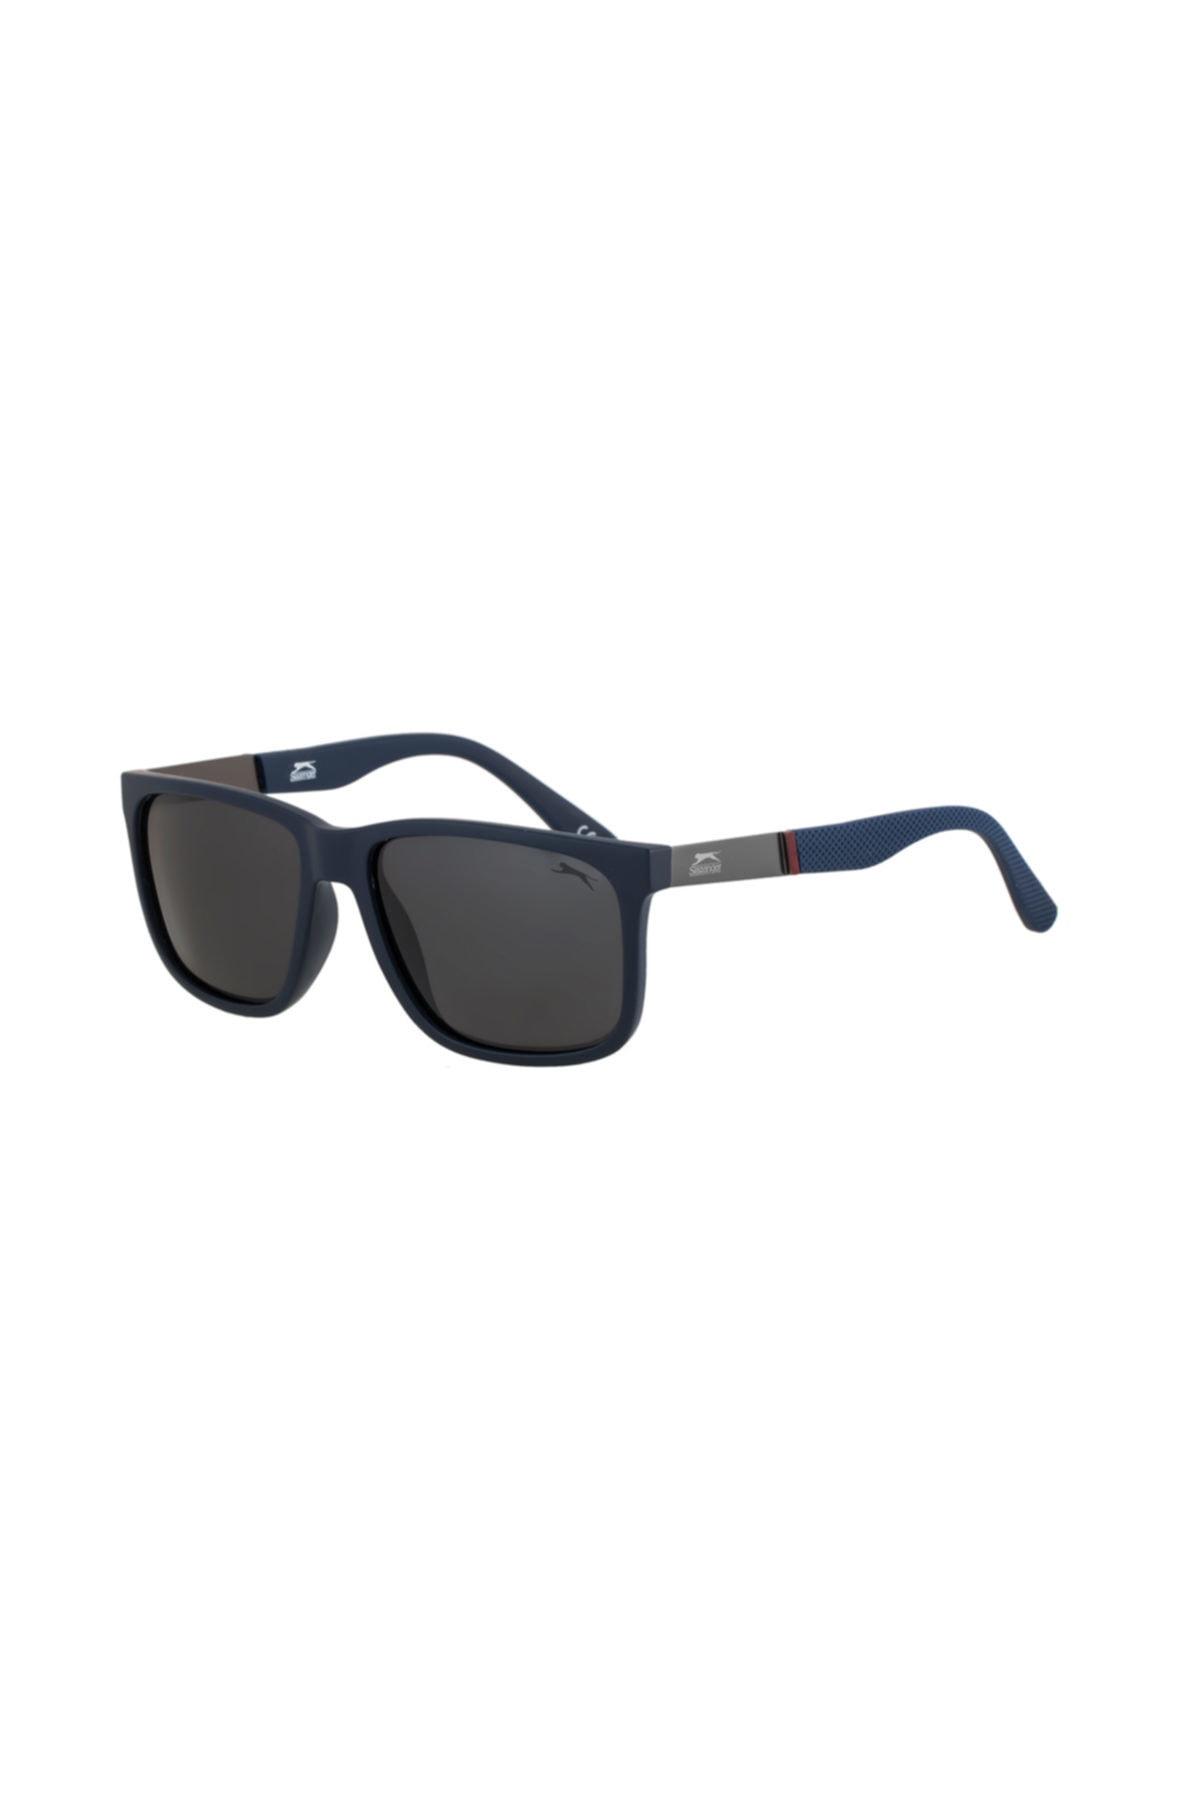 فروش انلاین عینک آفتابی مردانه مجلسی مارک اسلازنگر رنگ مشکی کد ty34615364